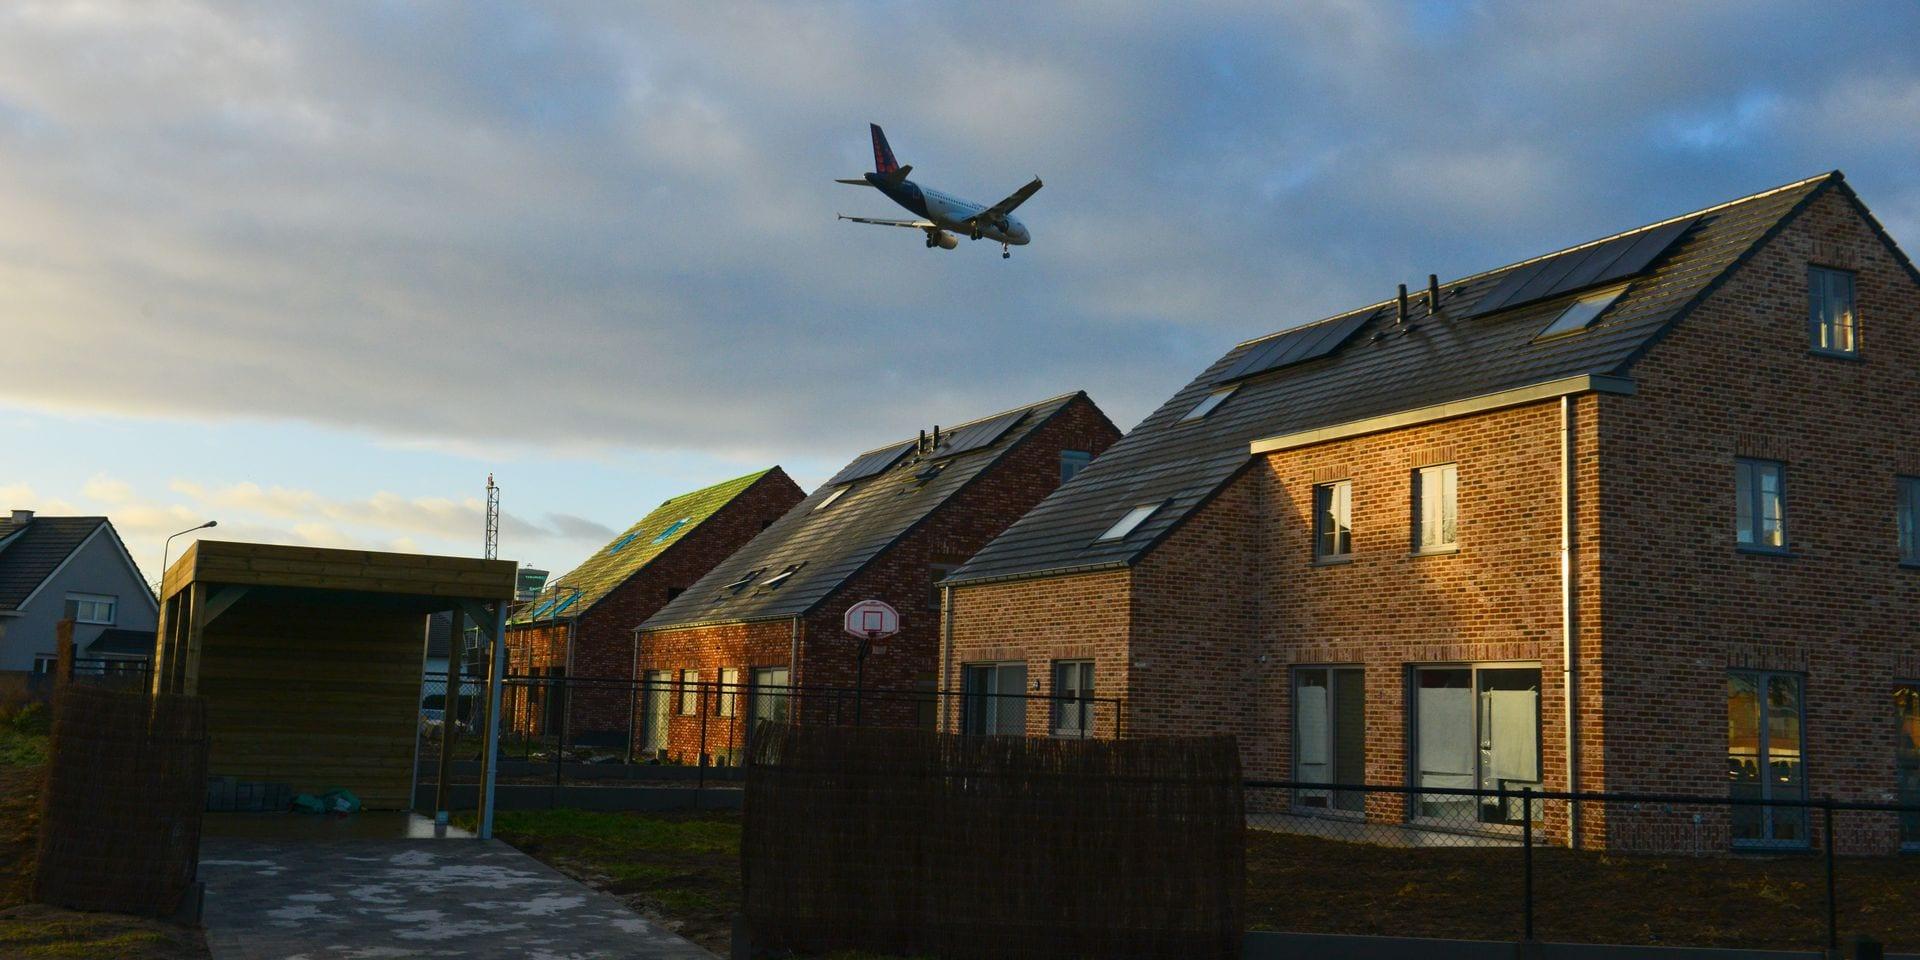 Le survol des avions gêne dans le Brabant wallon